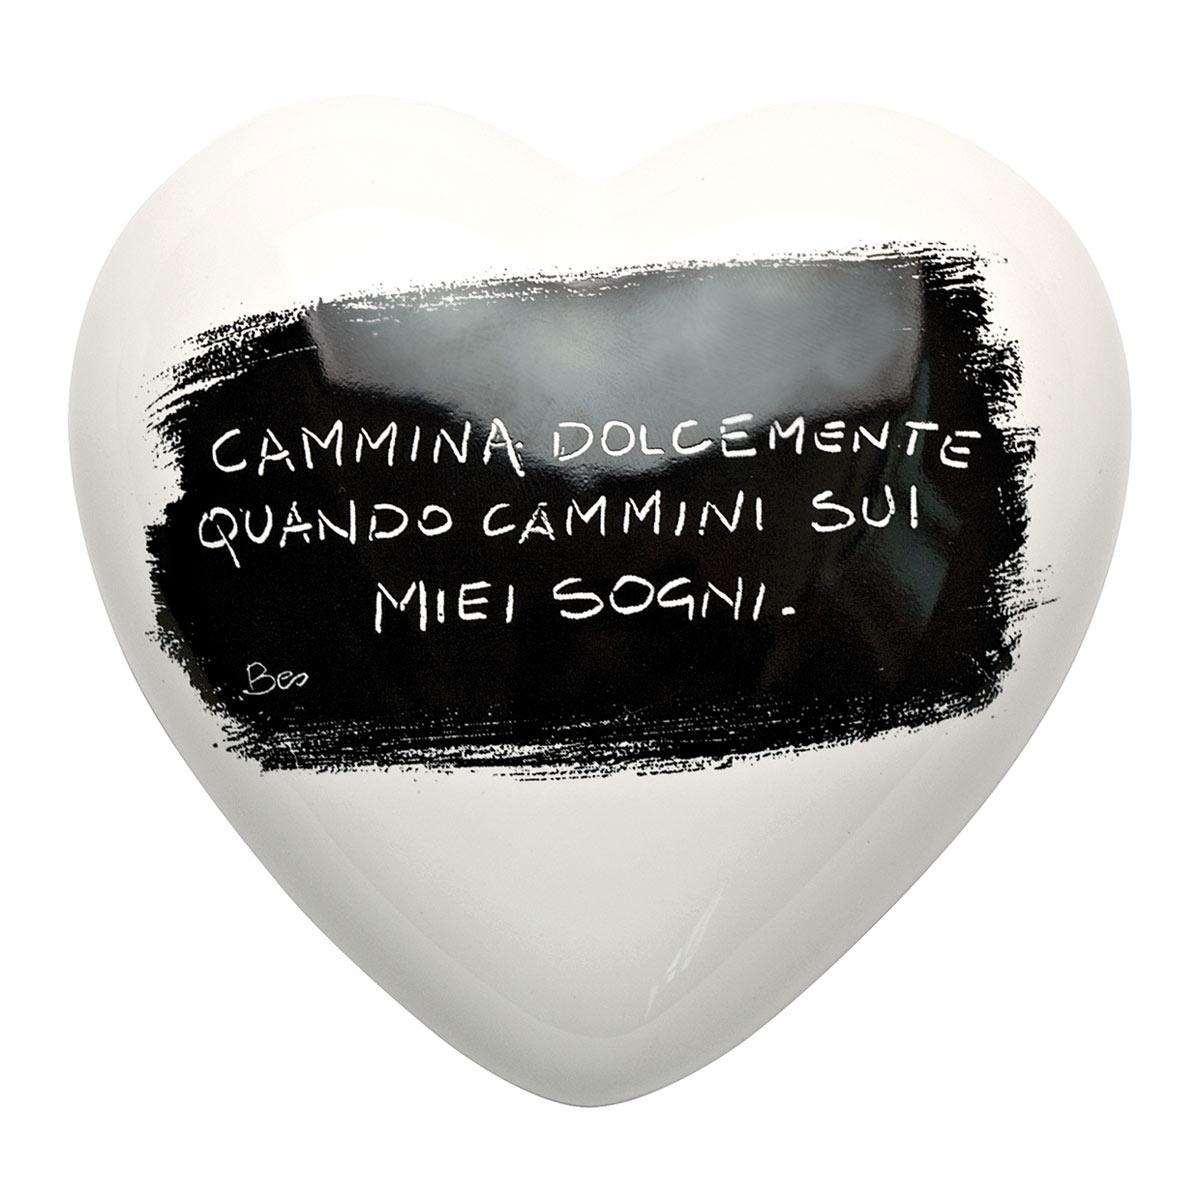 Cuore di ceramica bianco con grafica di Mauro Bassani